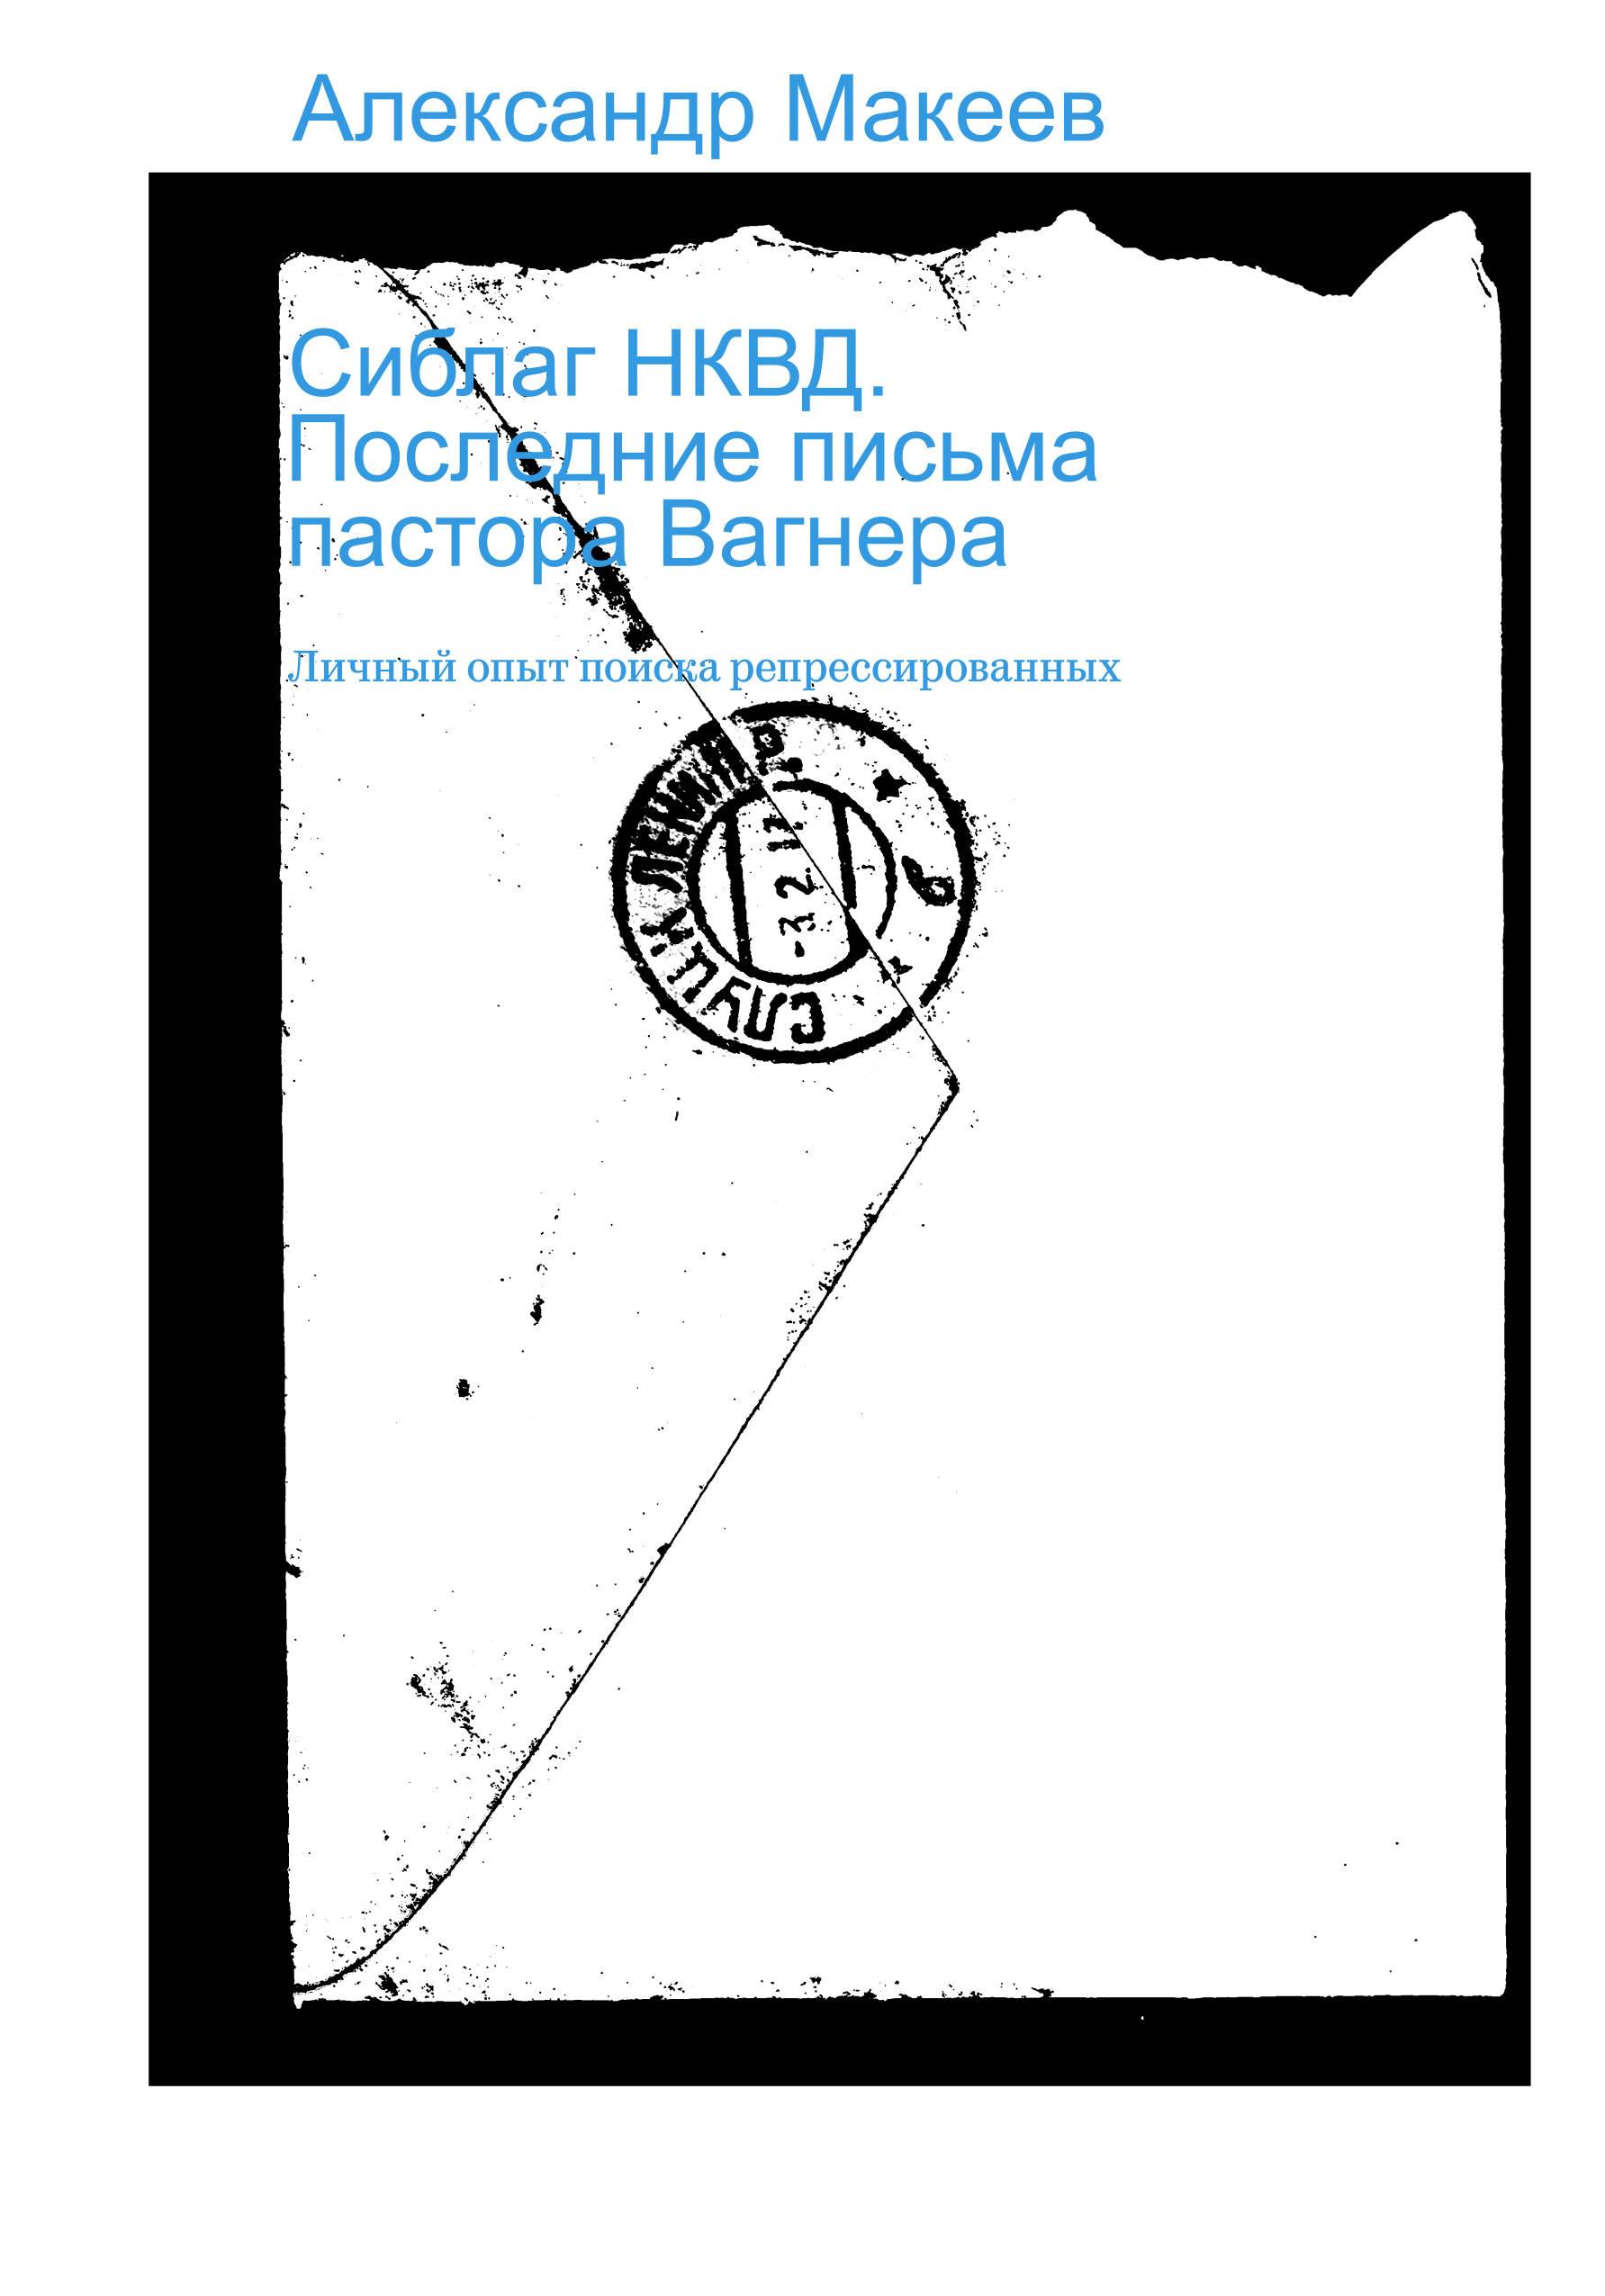 Siblag NKVD. Poslednie pisma pastora Vagnera